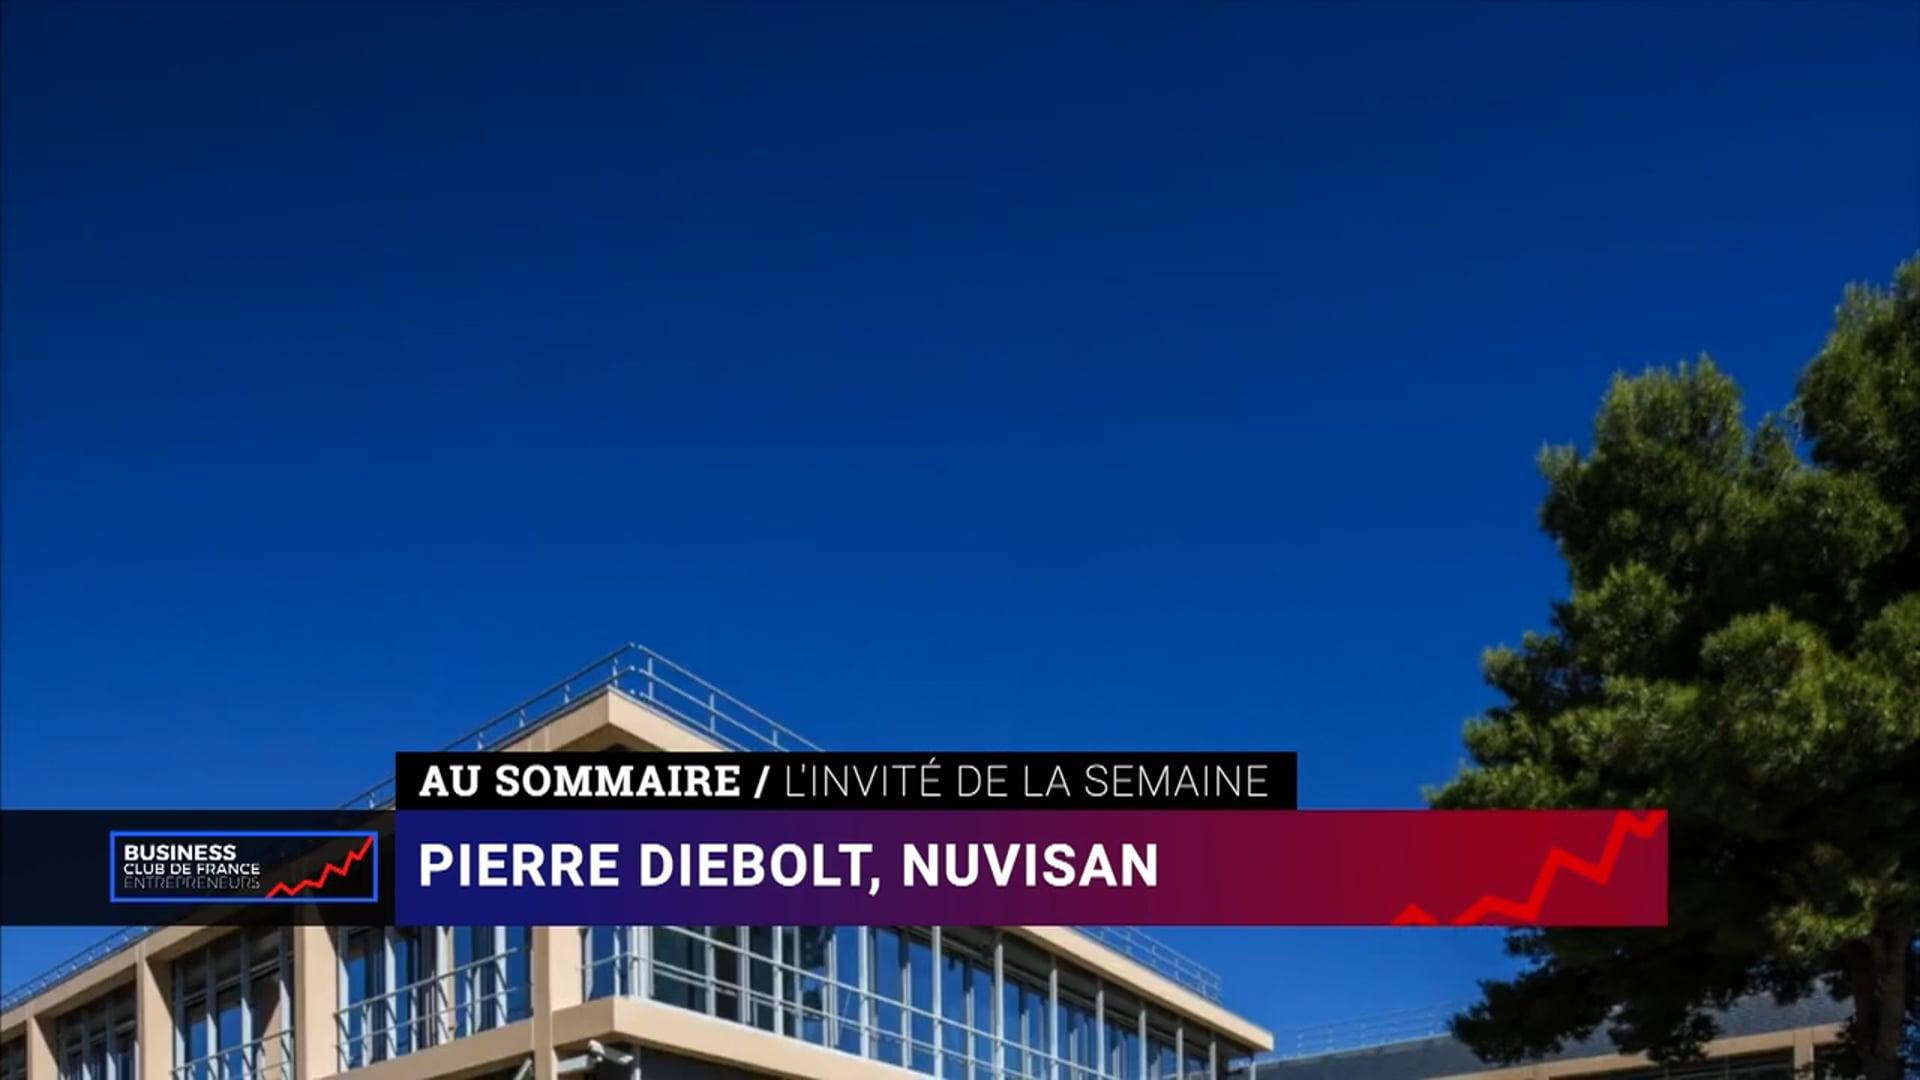 Pierre Diebolt - Nuvisan